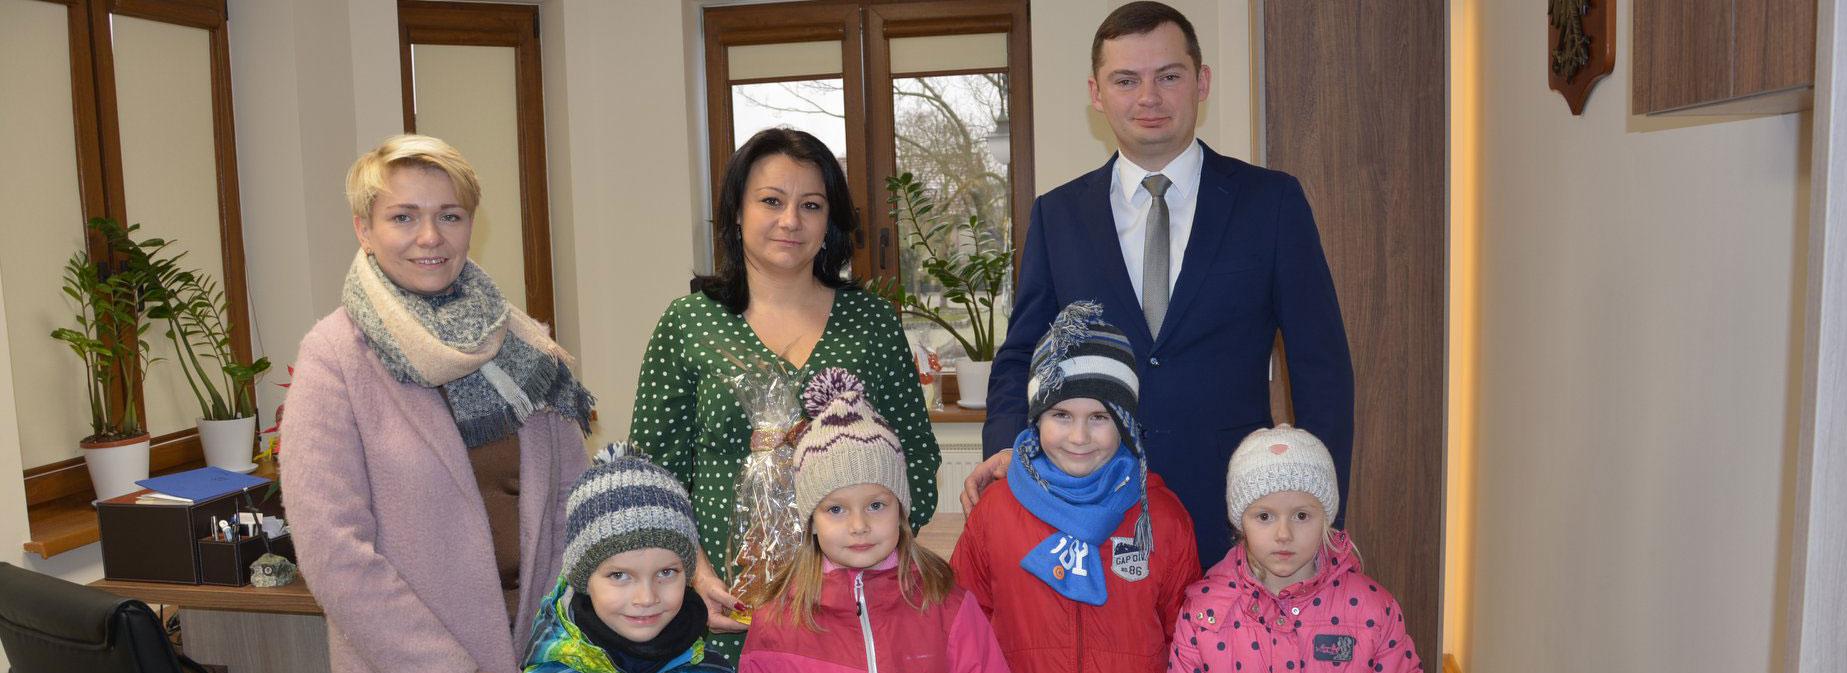 Wizyta przedszkolaków w Urzędzie Gminy